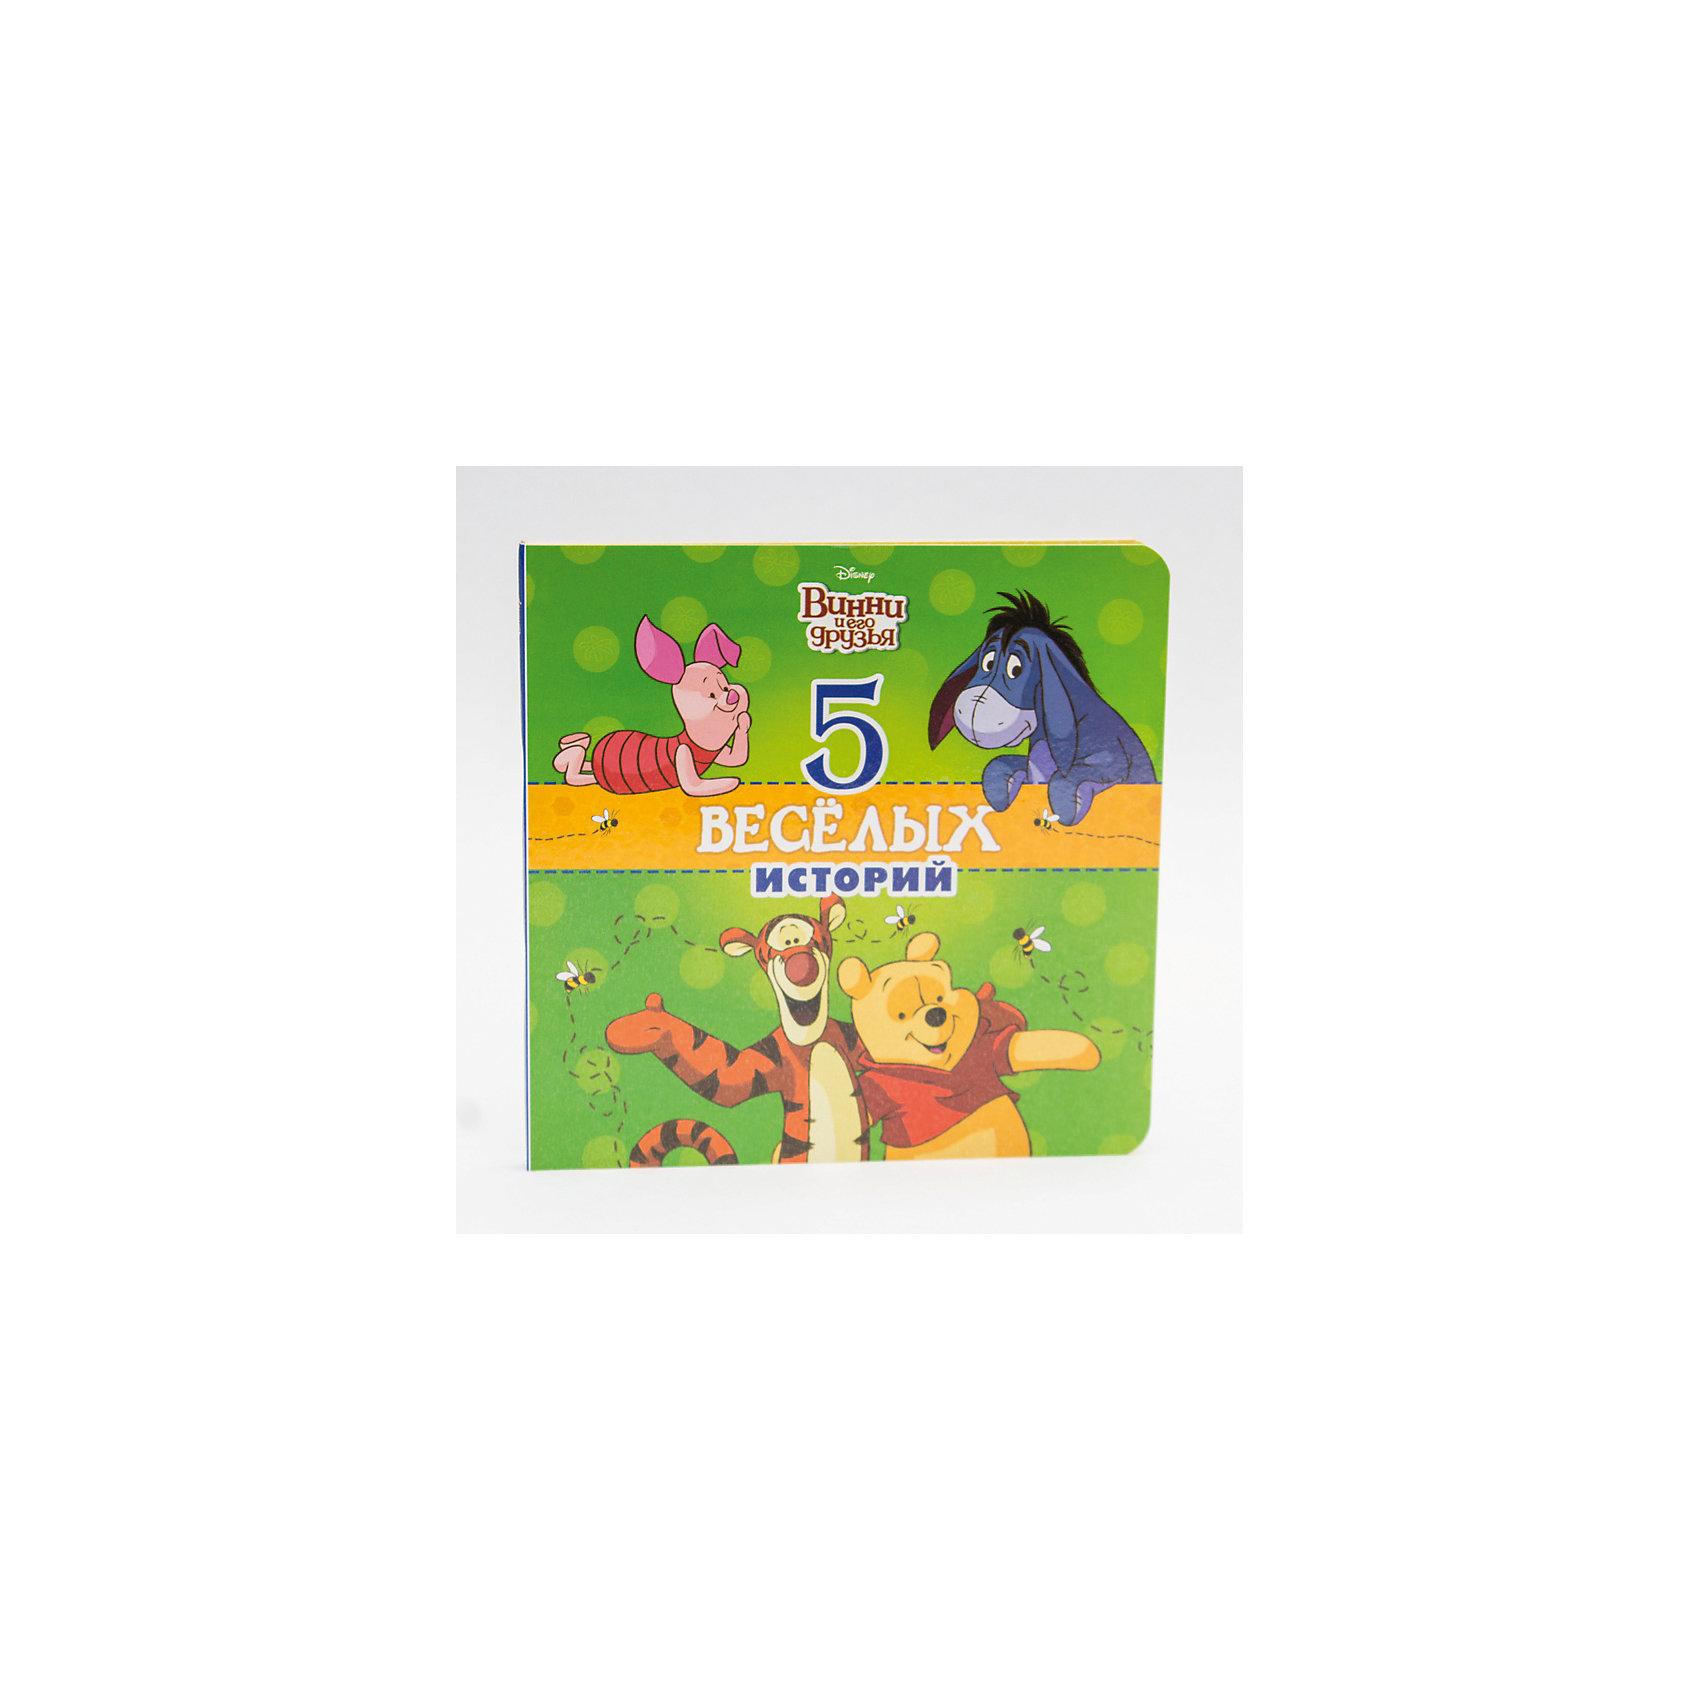 Пять веселых историй Винни, DisneyВинни Пух Дисней<br>Книга Пять веселых историй Винни, Disney.<br><br>Характеристики:<br><br>• Издательство: Проф-Пресс, 2016 г.<br>• Серия: Disney. 5 историй<br>• Тип обложки: картонная обложка<br>• Оформление: вырубка<br>• Иллюстрации: цветные<br>• Количество страниц: 18 (картон)<br>• Размер: 195х195х8 мм.<br>• Вес: 260 гр.<br>• ISBN: 9785378257737<br><br>Давай отправимся навстречу приключениям вместе с любимым медвежонком Винни и его друзьями. Чудеса Большого Леса поджидают тебе на каждом шагу! Ты поможешь Кролику в его огороде, а также вместе с Хрюником нарисуешь портреты своих друзей! Это и ещё многое другое ждёт тебя на страницах этой книги. Скорее открывай её и читай 5 весёлых историй о Винни! Для дошкольного возраста.<br><br>Книгу Пять веселых историй Винни, Disney можно купить в нашем интернет-магазине.<br><br>Ширина мм: 195<br>Глубина мм: 10<br>Высота мм: 195<br>Вес г: 0<br>Возраст от месяцев: 36<br>Возраст до месяцев: 2147483647<br>Пол: Унисекс<br>Возраст: Детский<br>SKU: 5452241